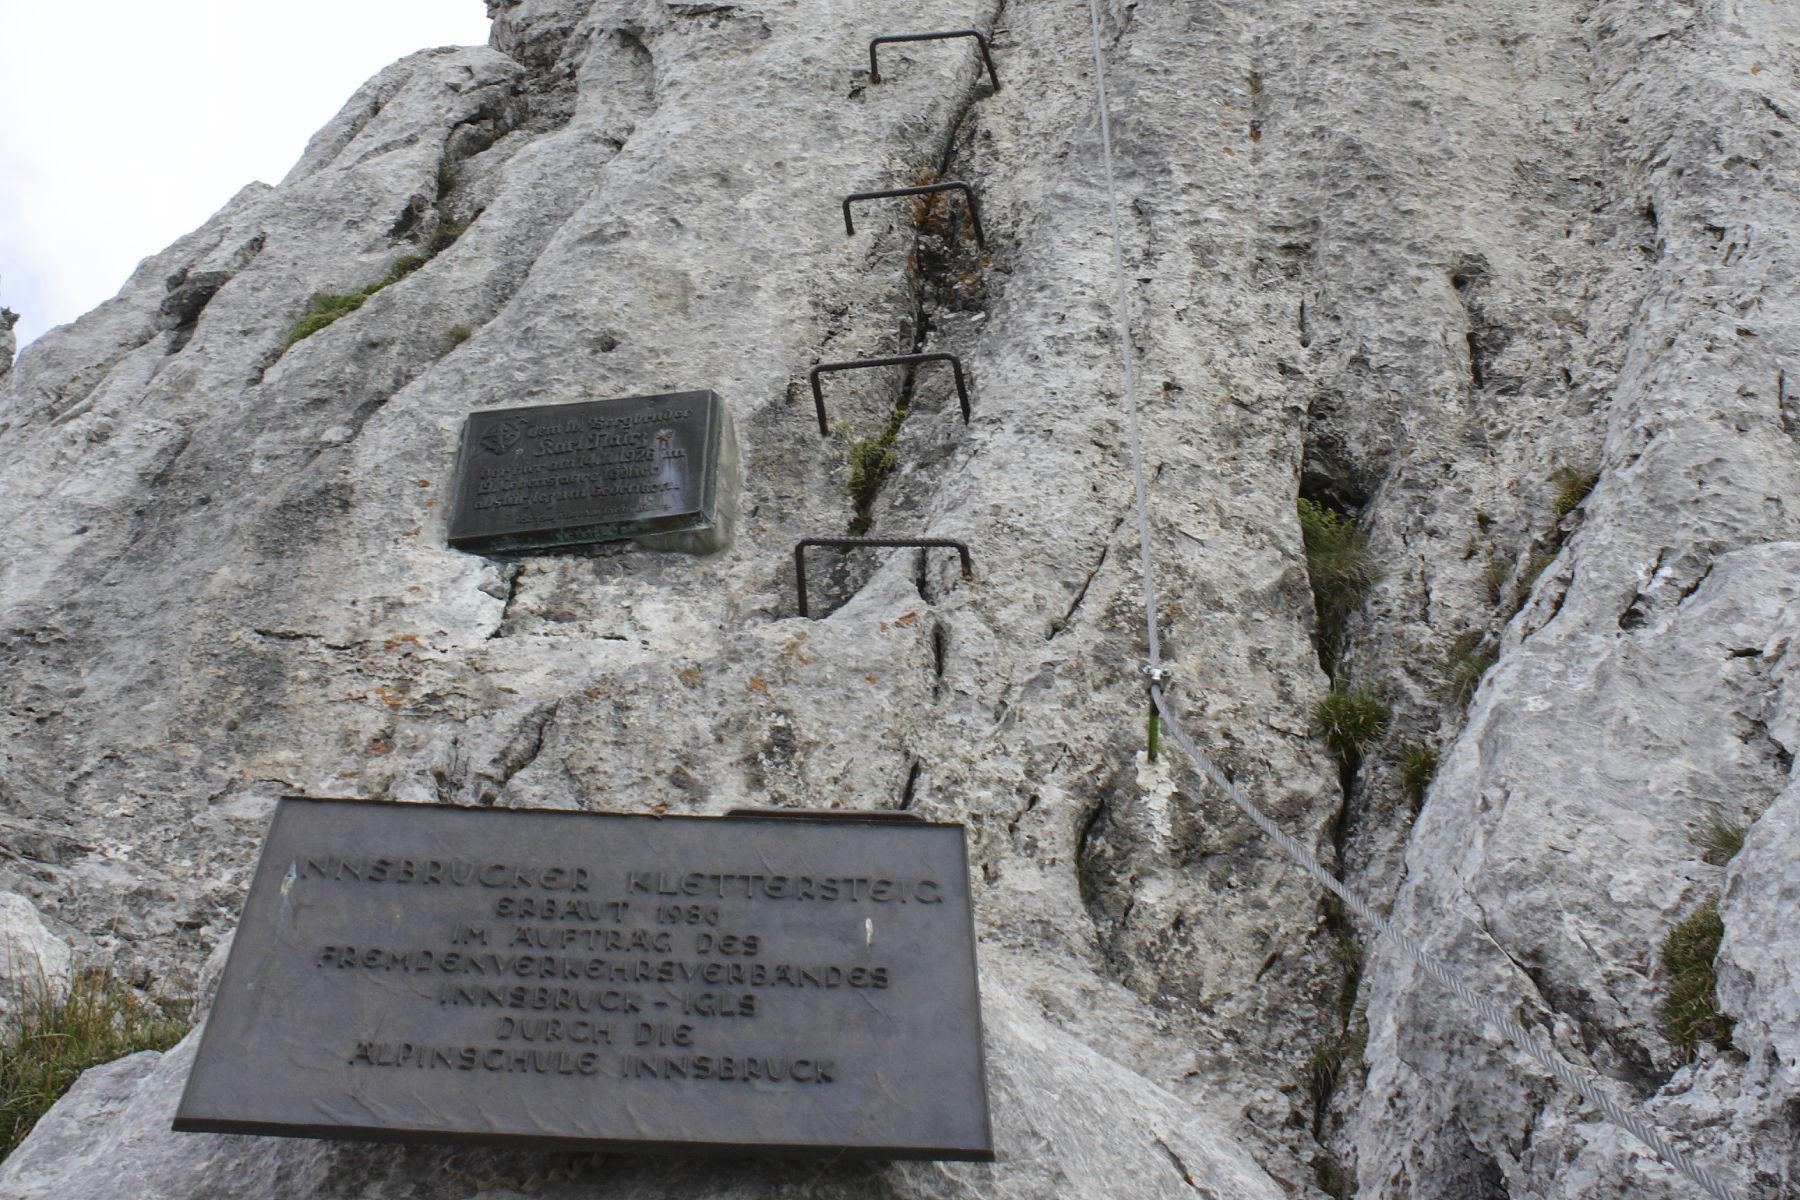 Klettersteig Innsbruck : Innsbrucker klettersteig karwendelfotos